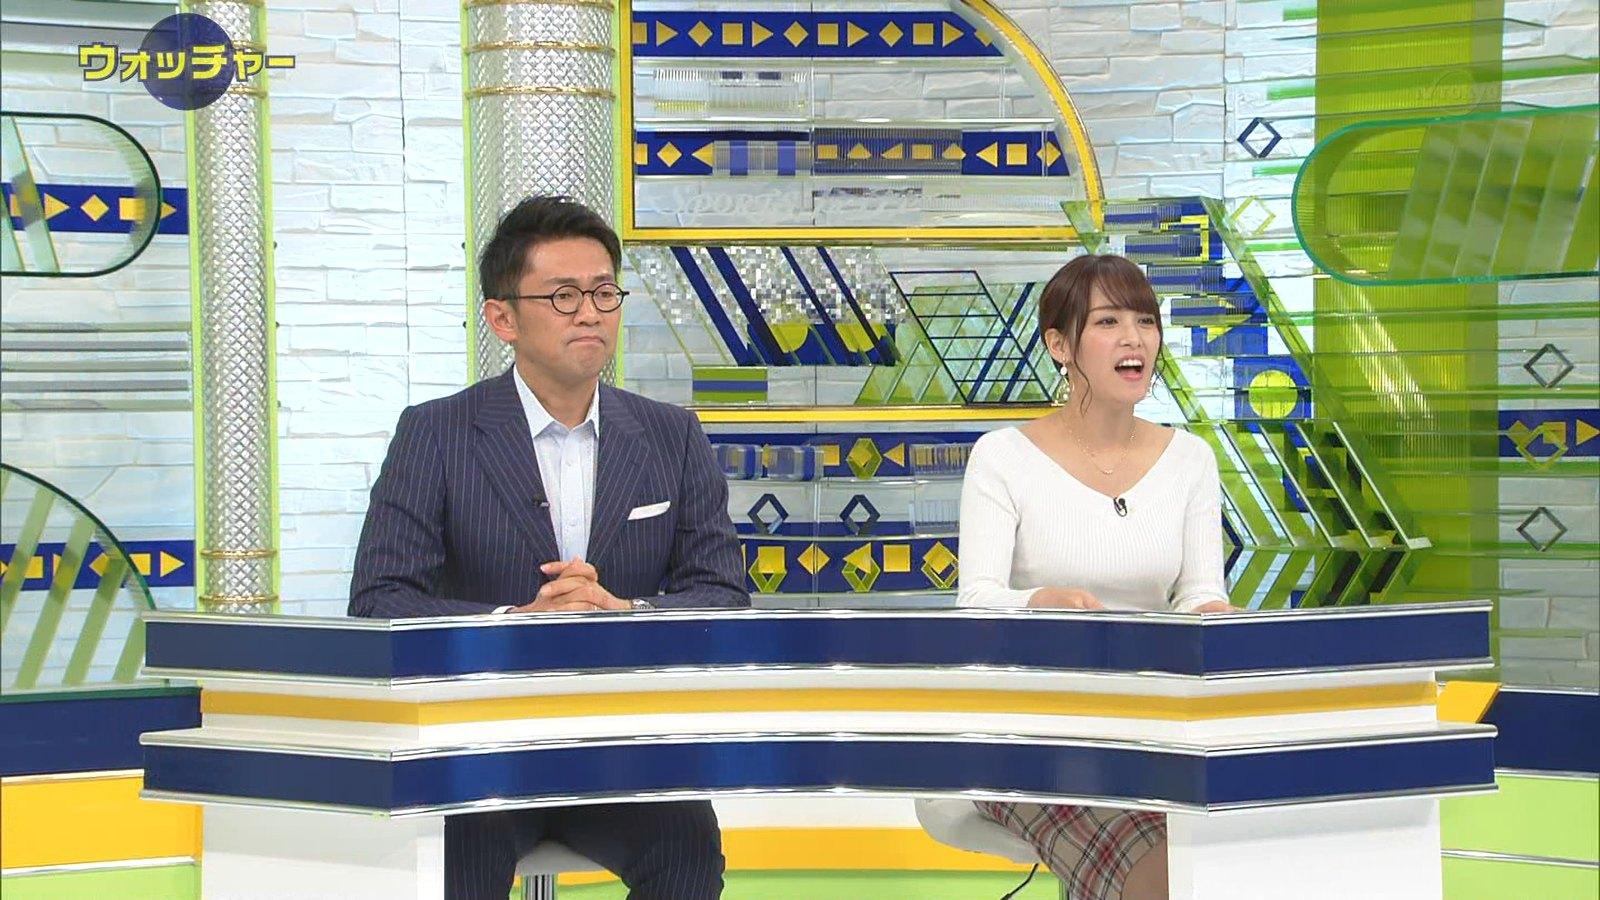 鷲見玲奈_女子アナ_ニットおっぱい_テレビキャプ画像_19